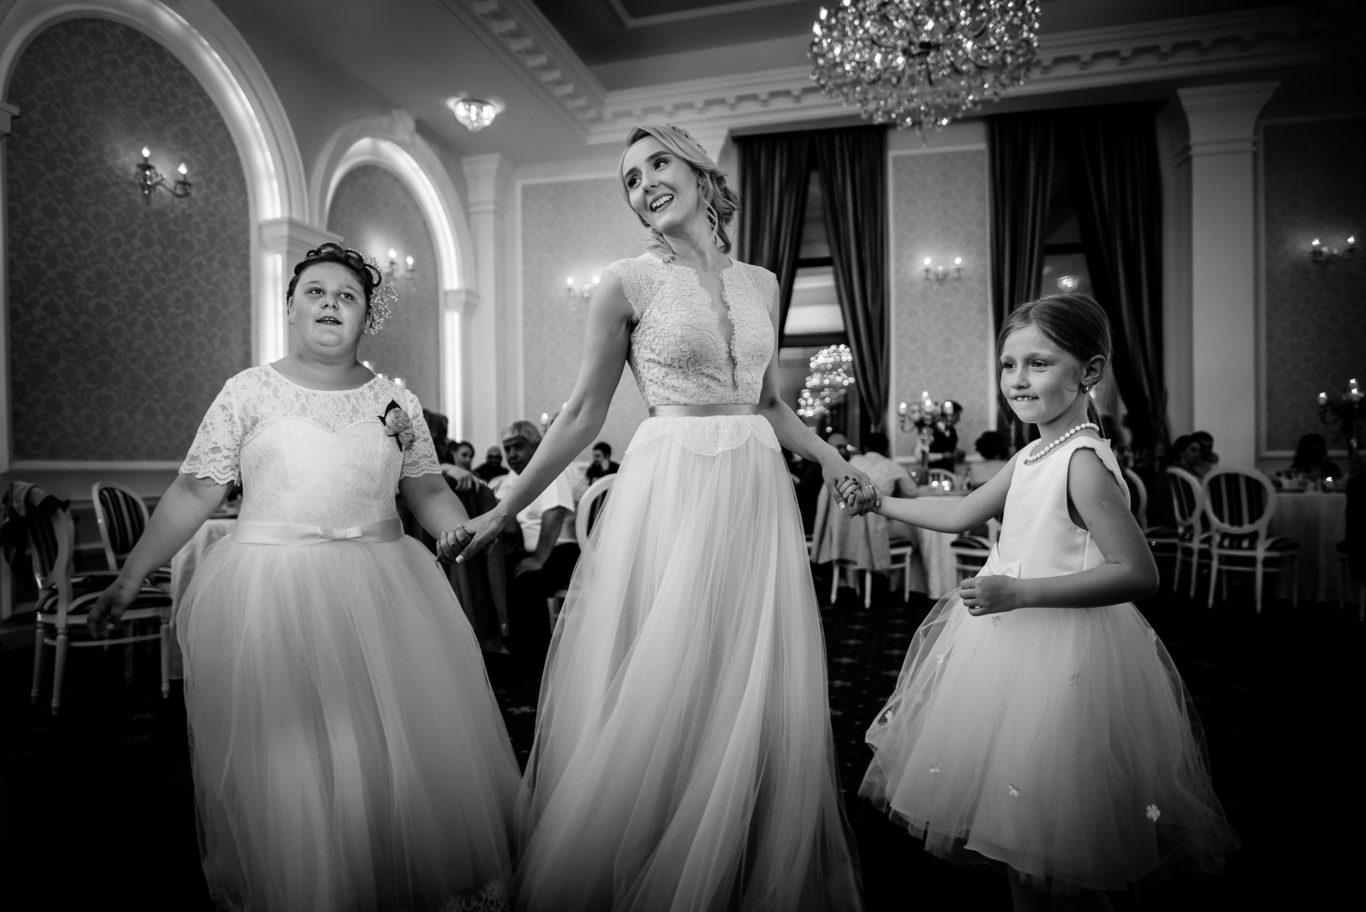 0956-Fotografie-nunta-Mirela-Iulian-fotograf-Ciprian-Dumitrescu-DSC_7857